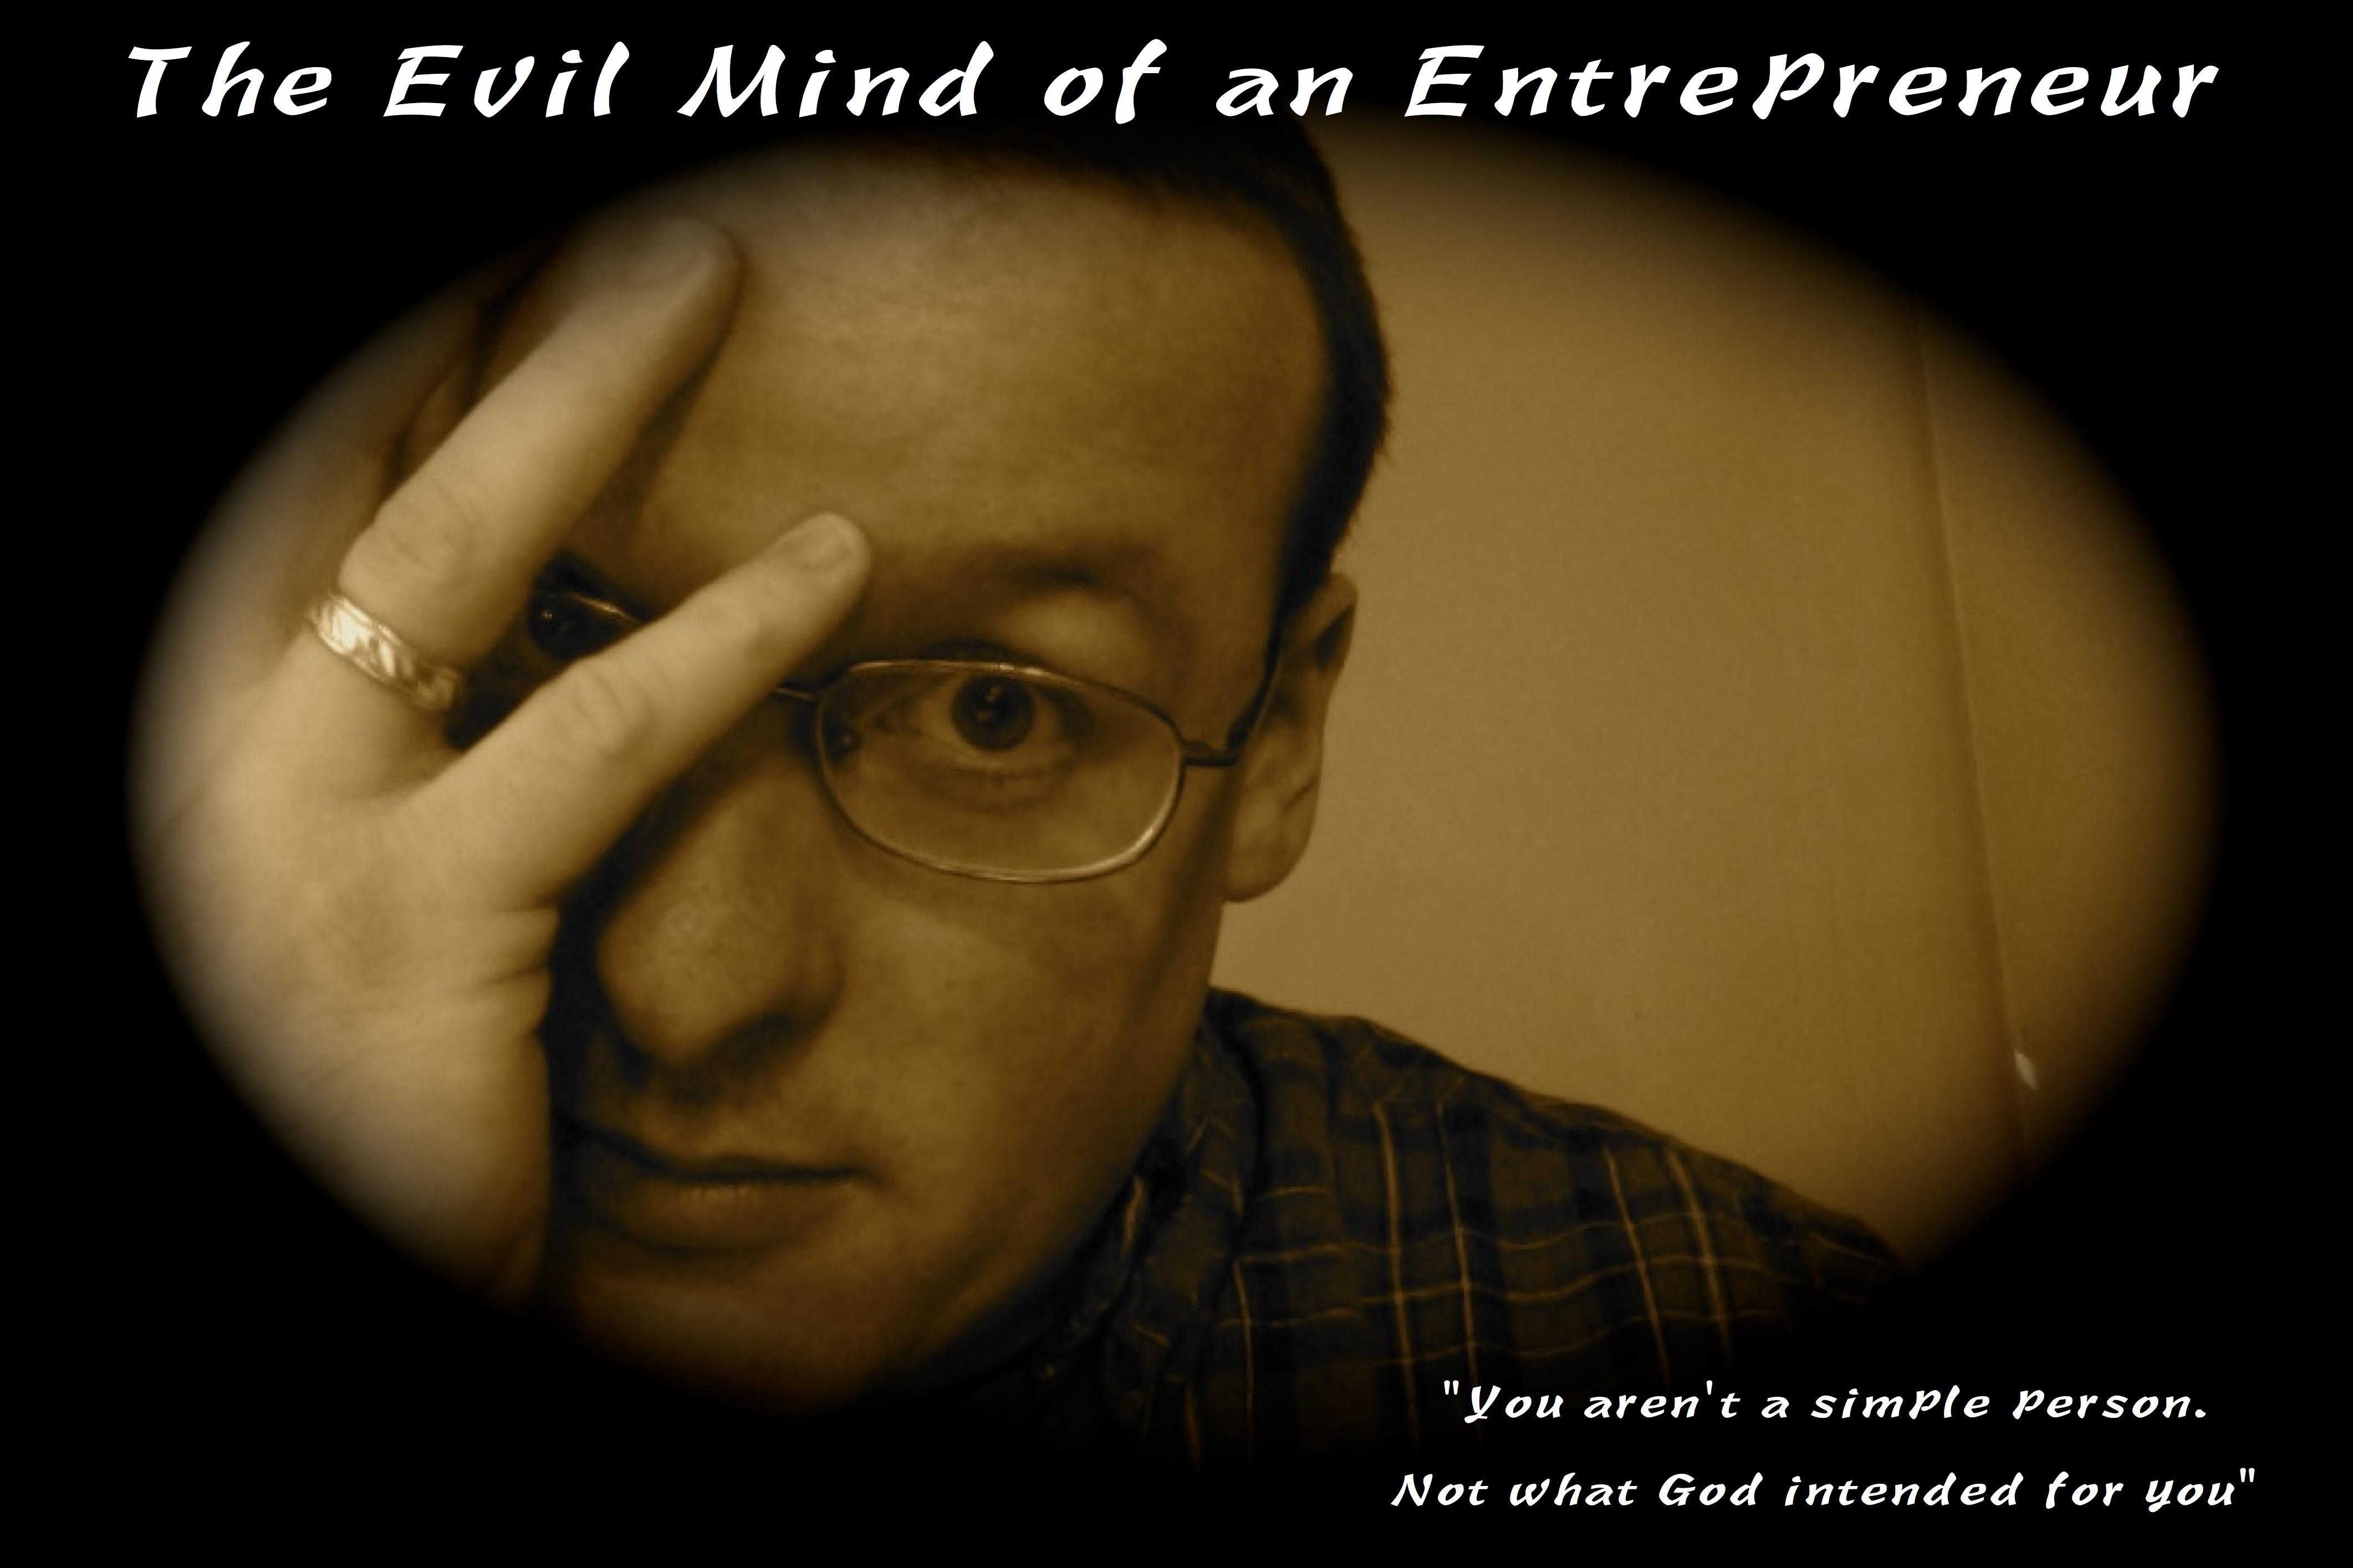 Evil_Mind_Entrep